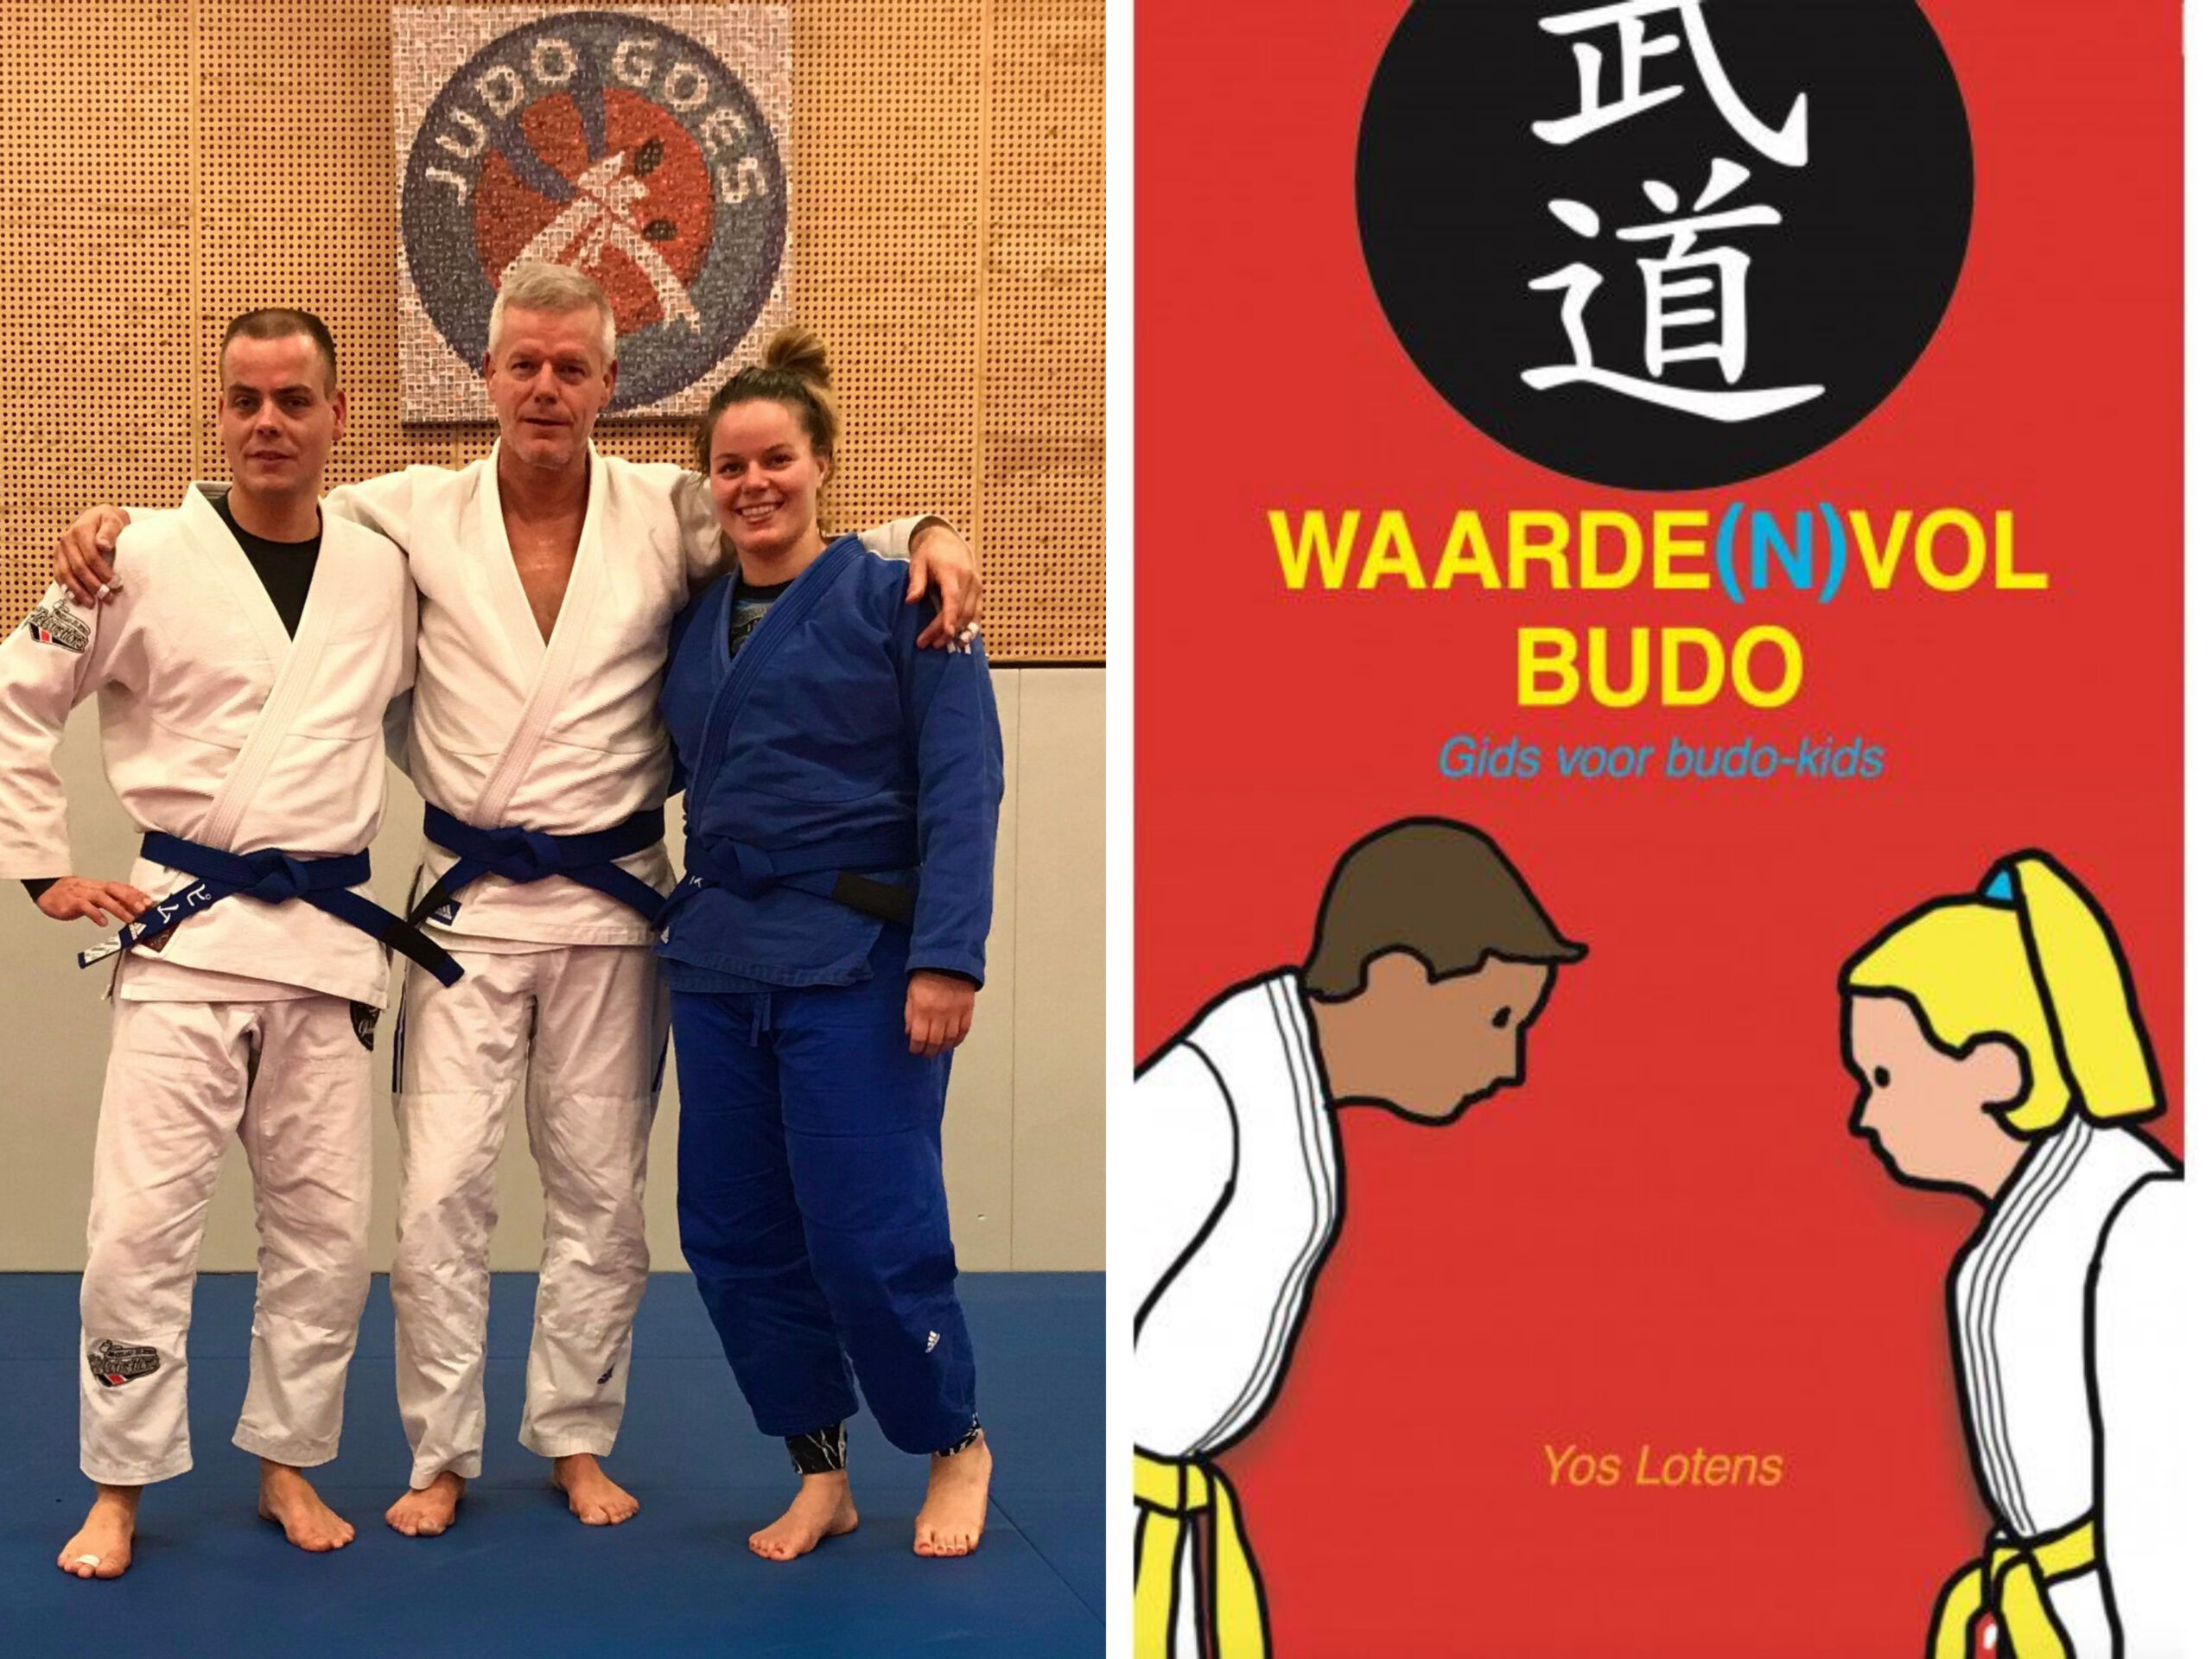 Andre van Meerkerk over 'Waarde(n)vol Budo'